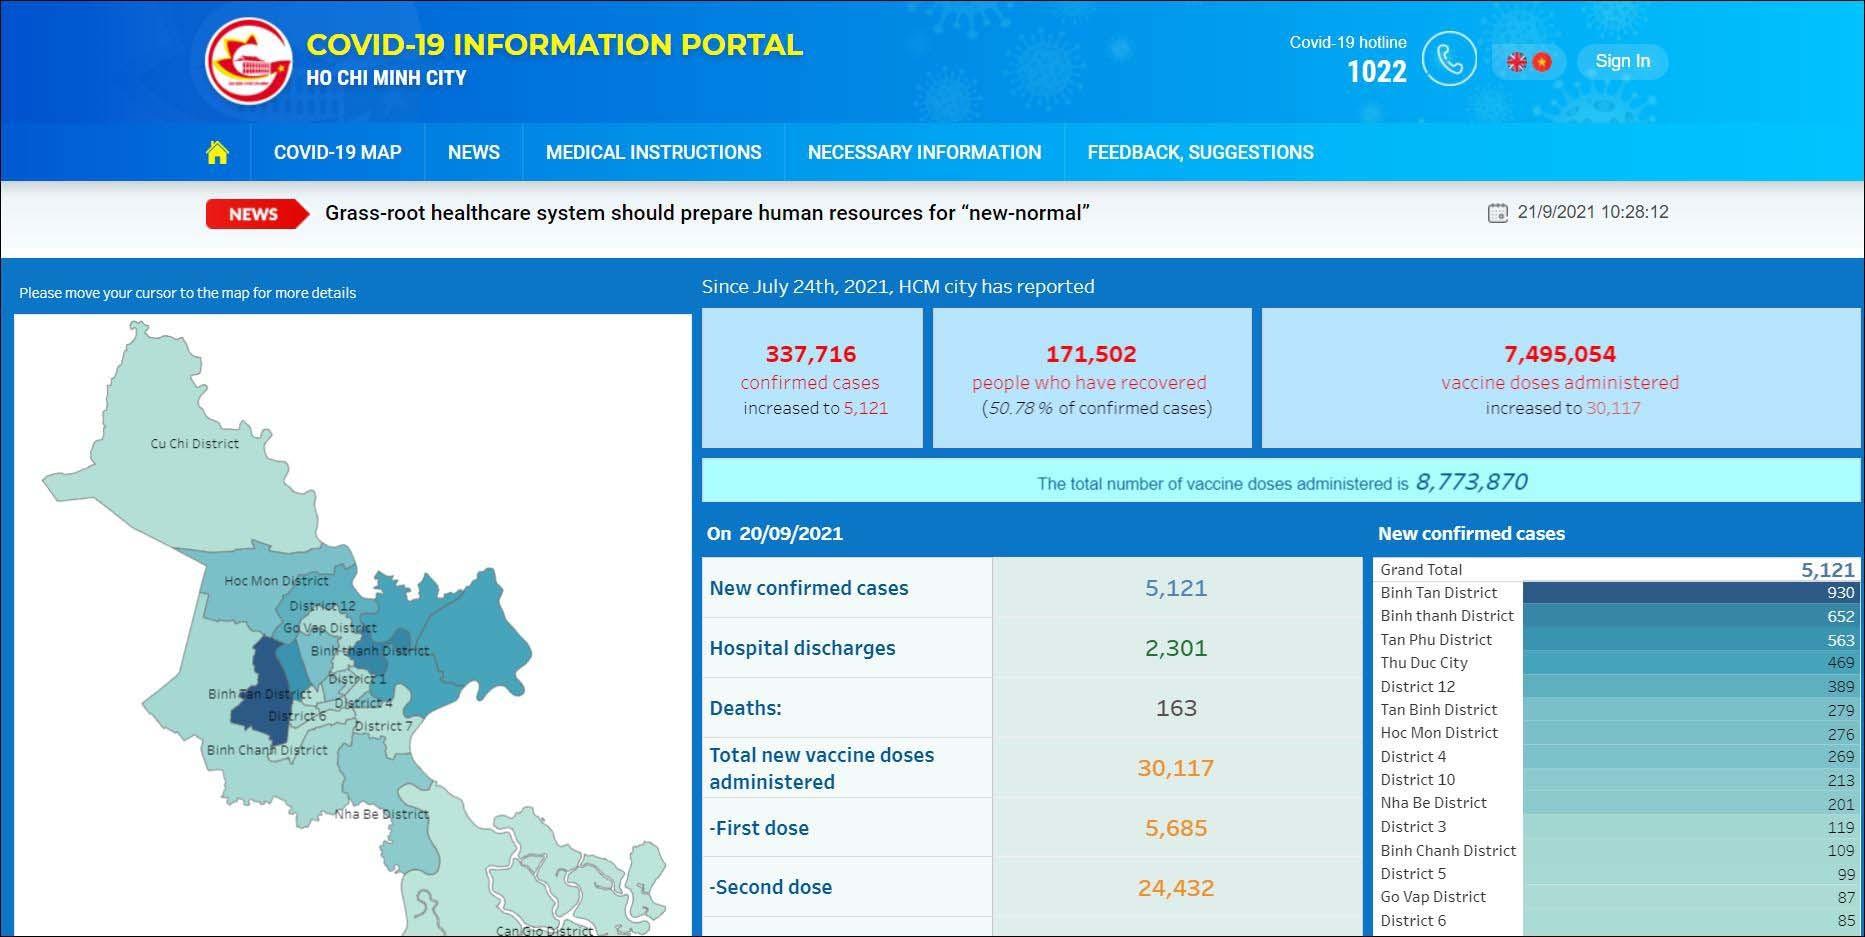 Cổng thông tin Covid-19 TP.HCM cung cấp bản tin về dịch cho người nước ngoài